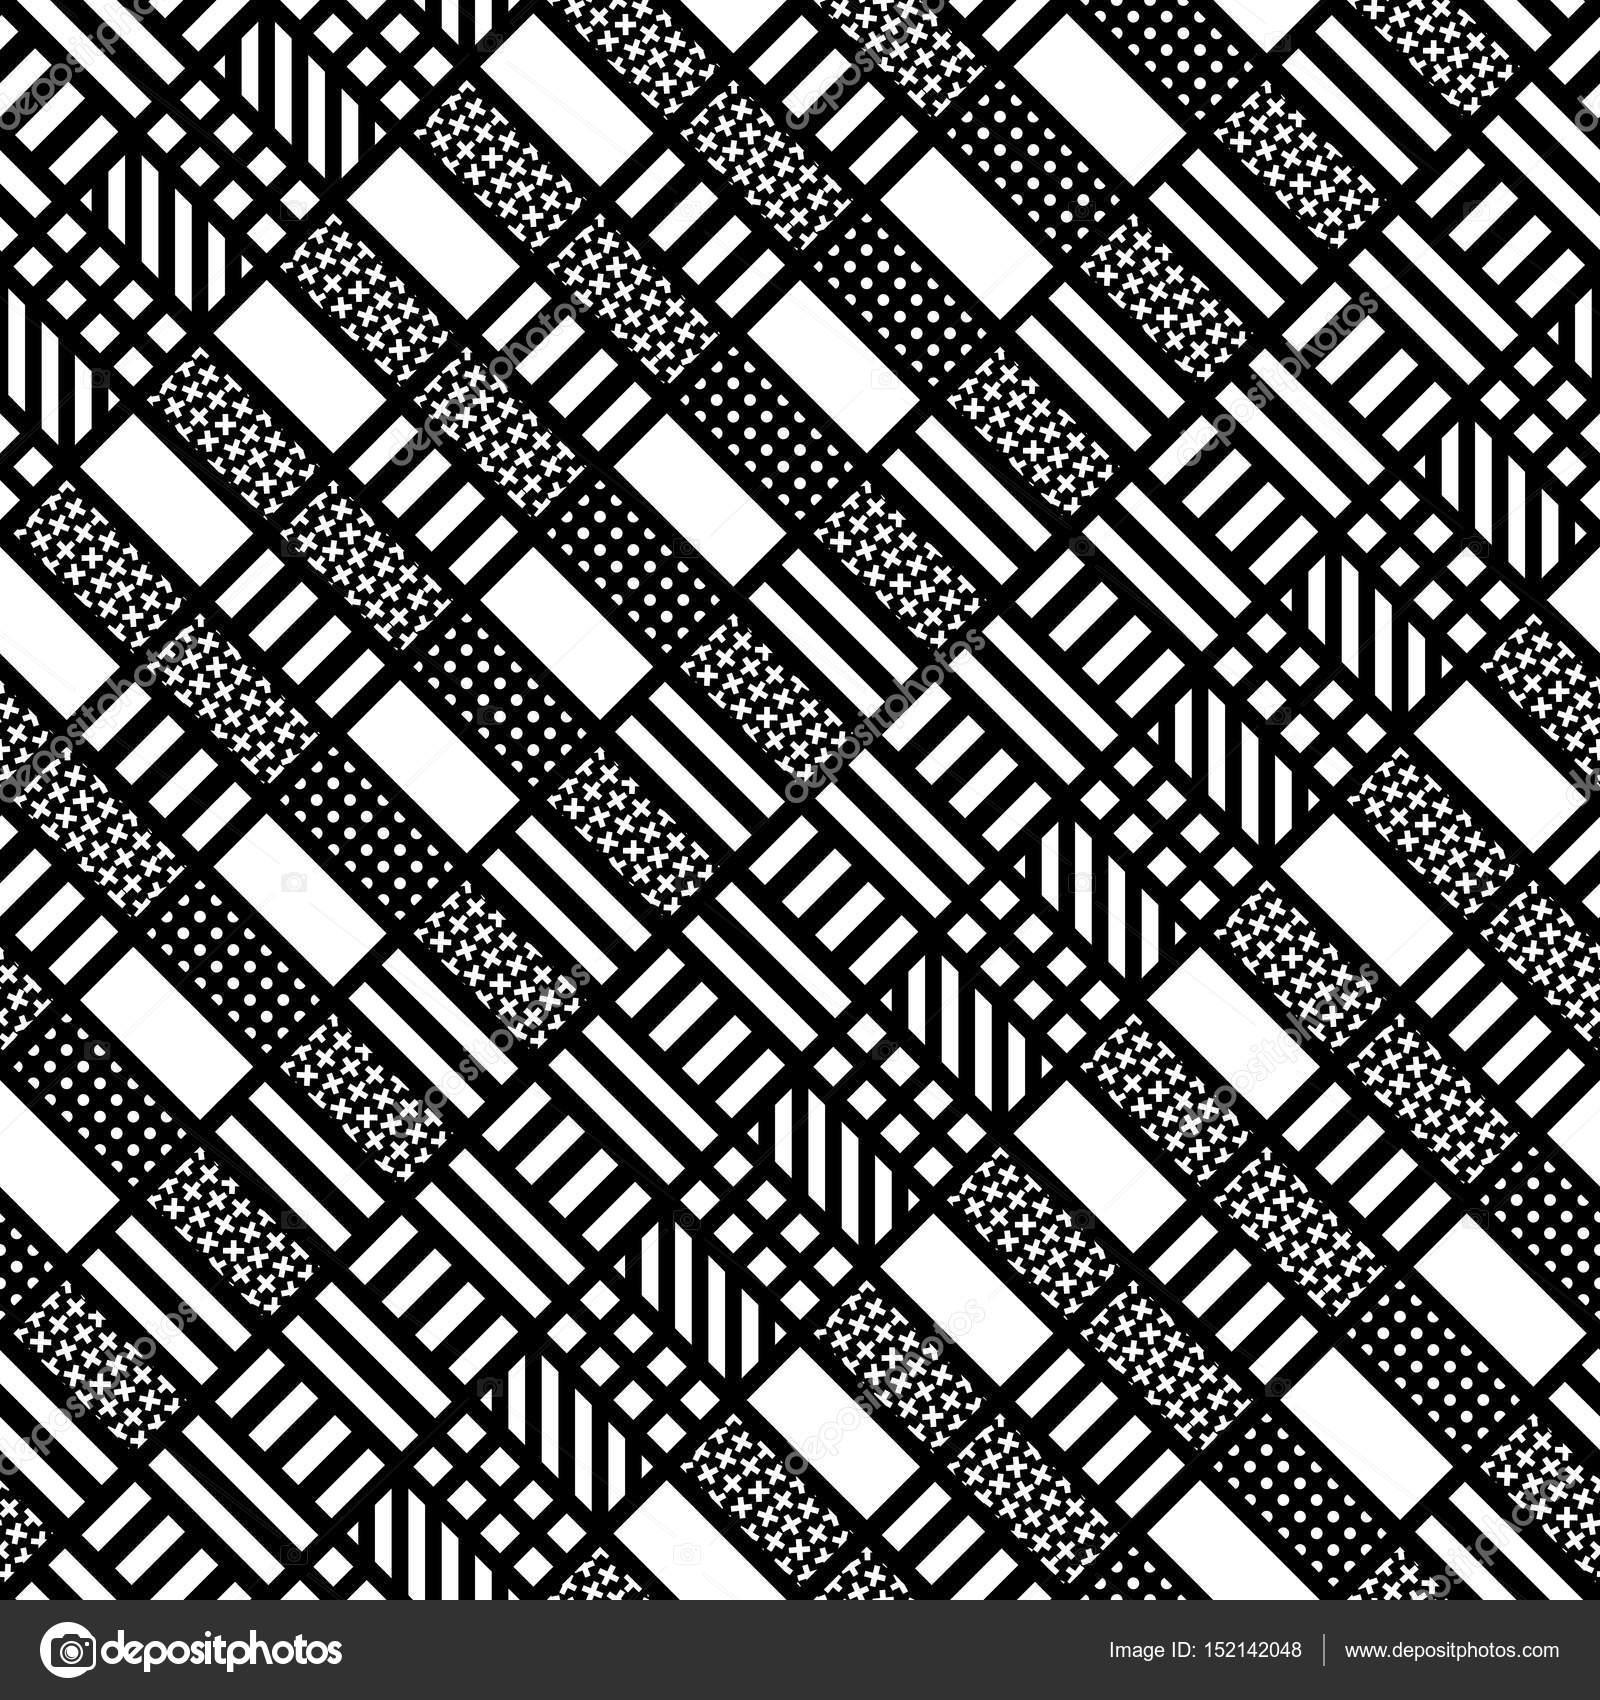 Płytki Dekoracyjne Kształty Geometryczne Monochromatyczne